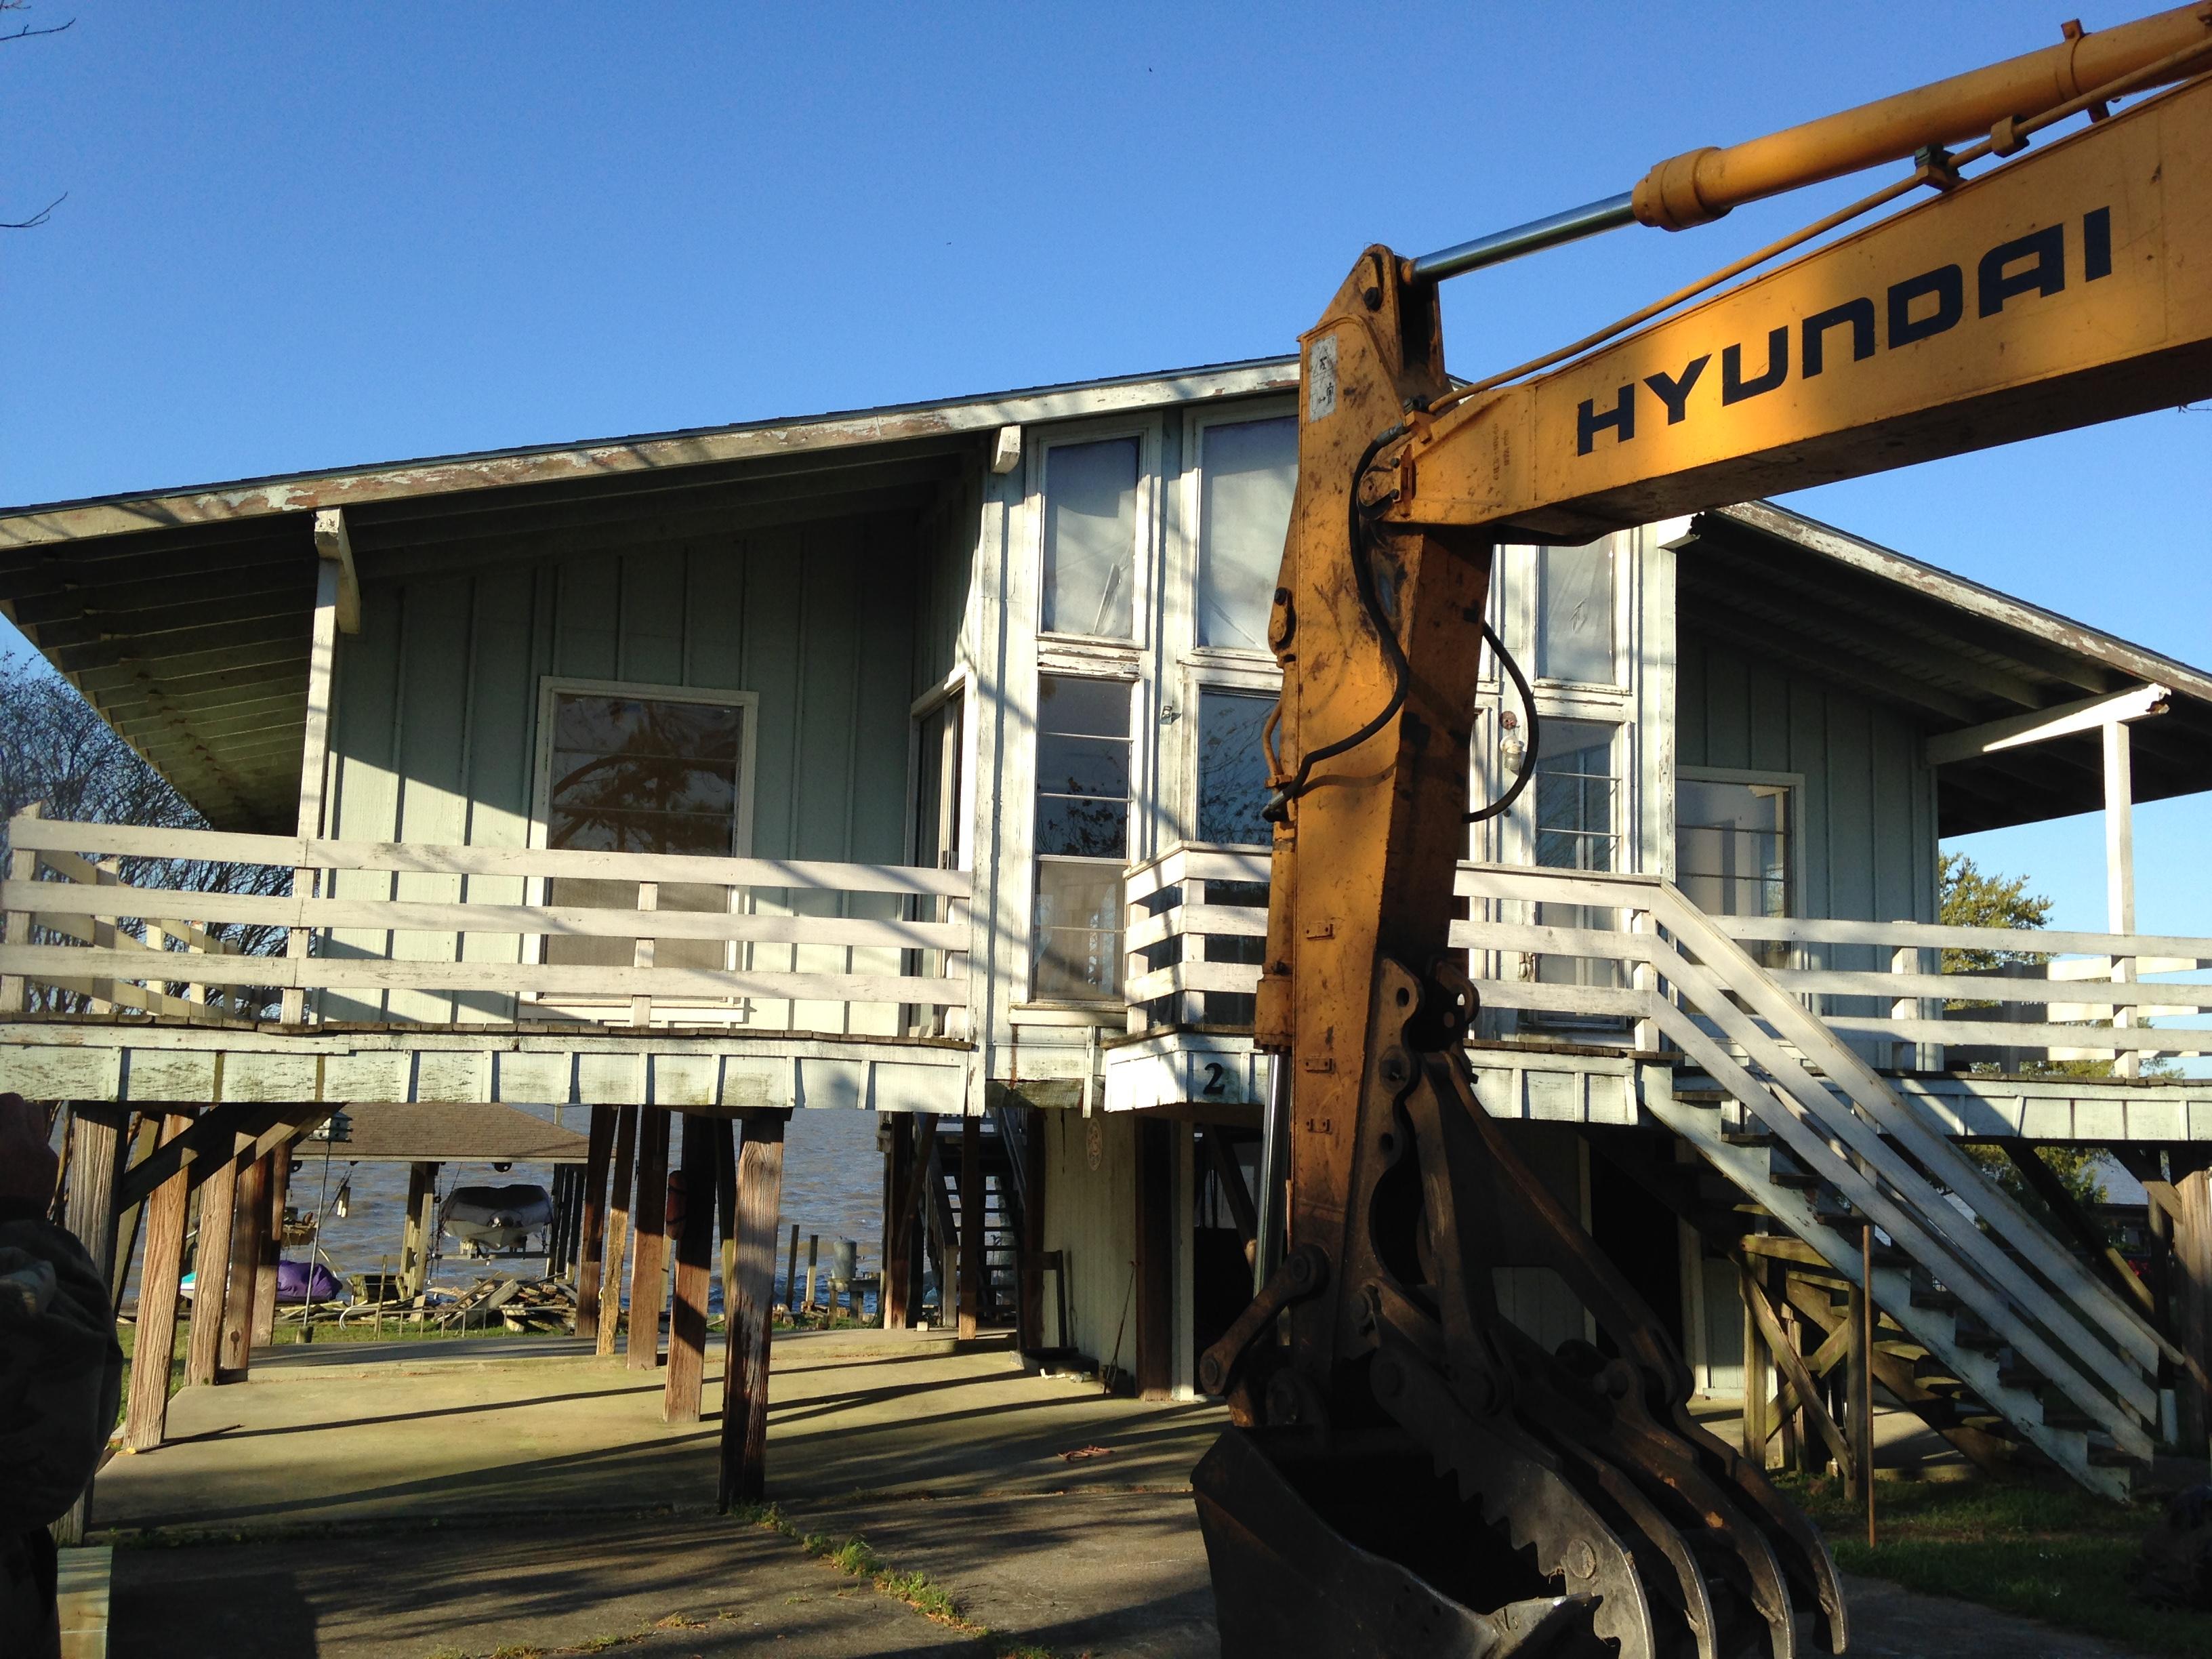 Quick work of demolition